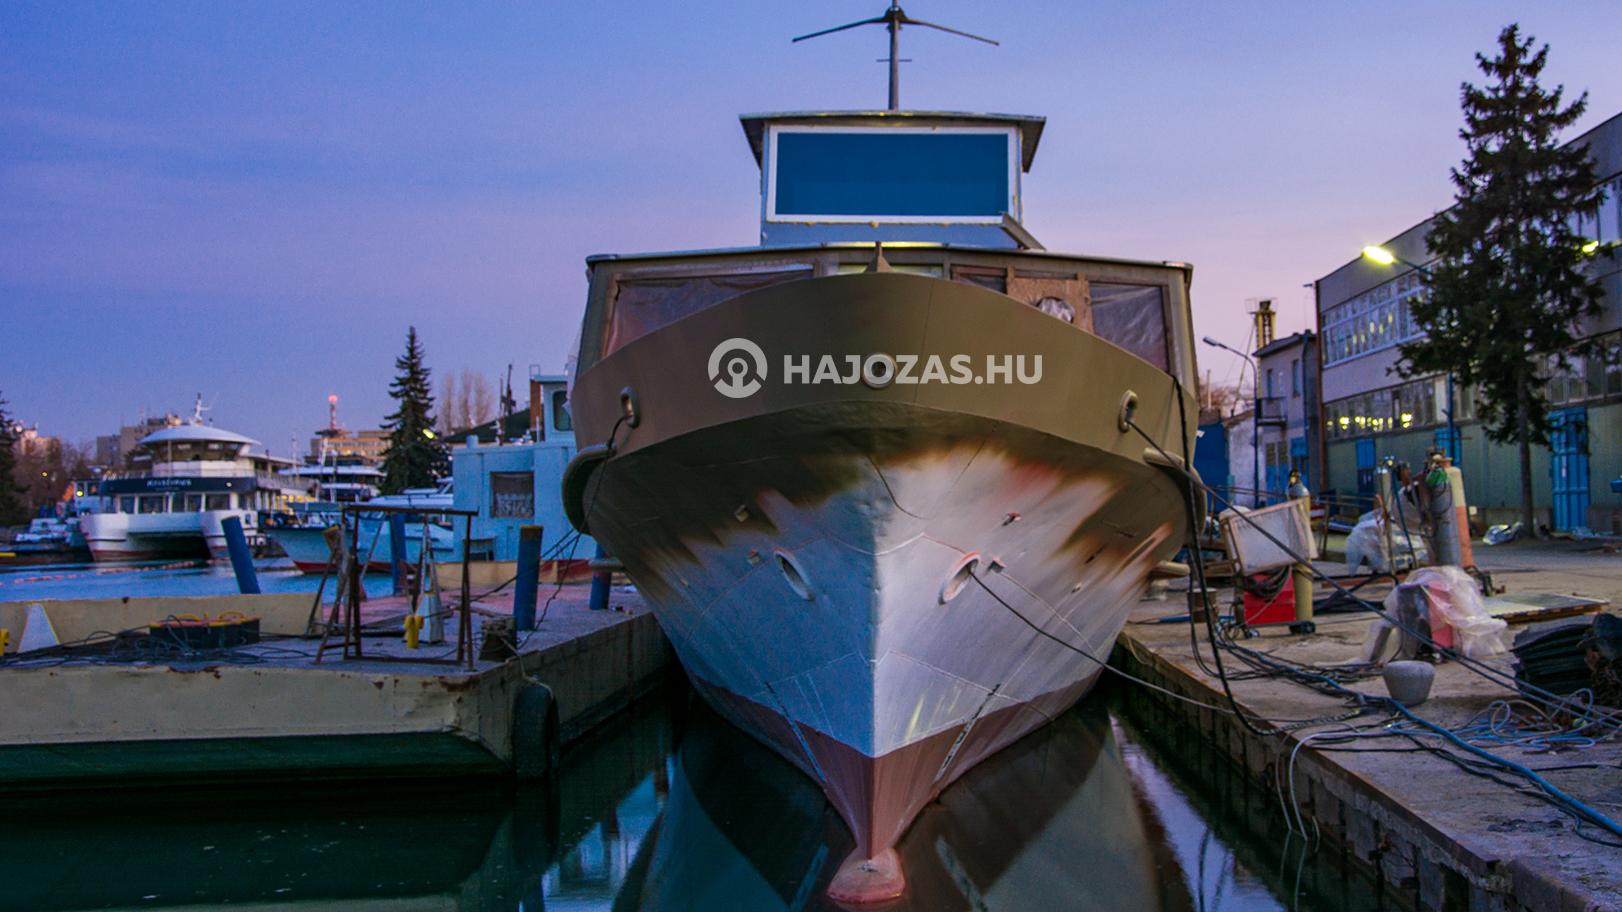 boat-nemzeti-regatta-felujitas-beatrix-siofok-balatoni-hajozasi-zrt-utasszallito-hajo-balaton-hajozashu-siofok